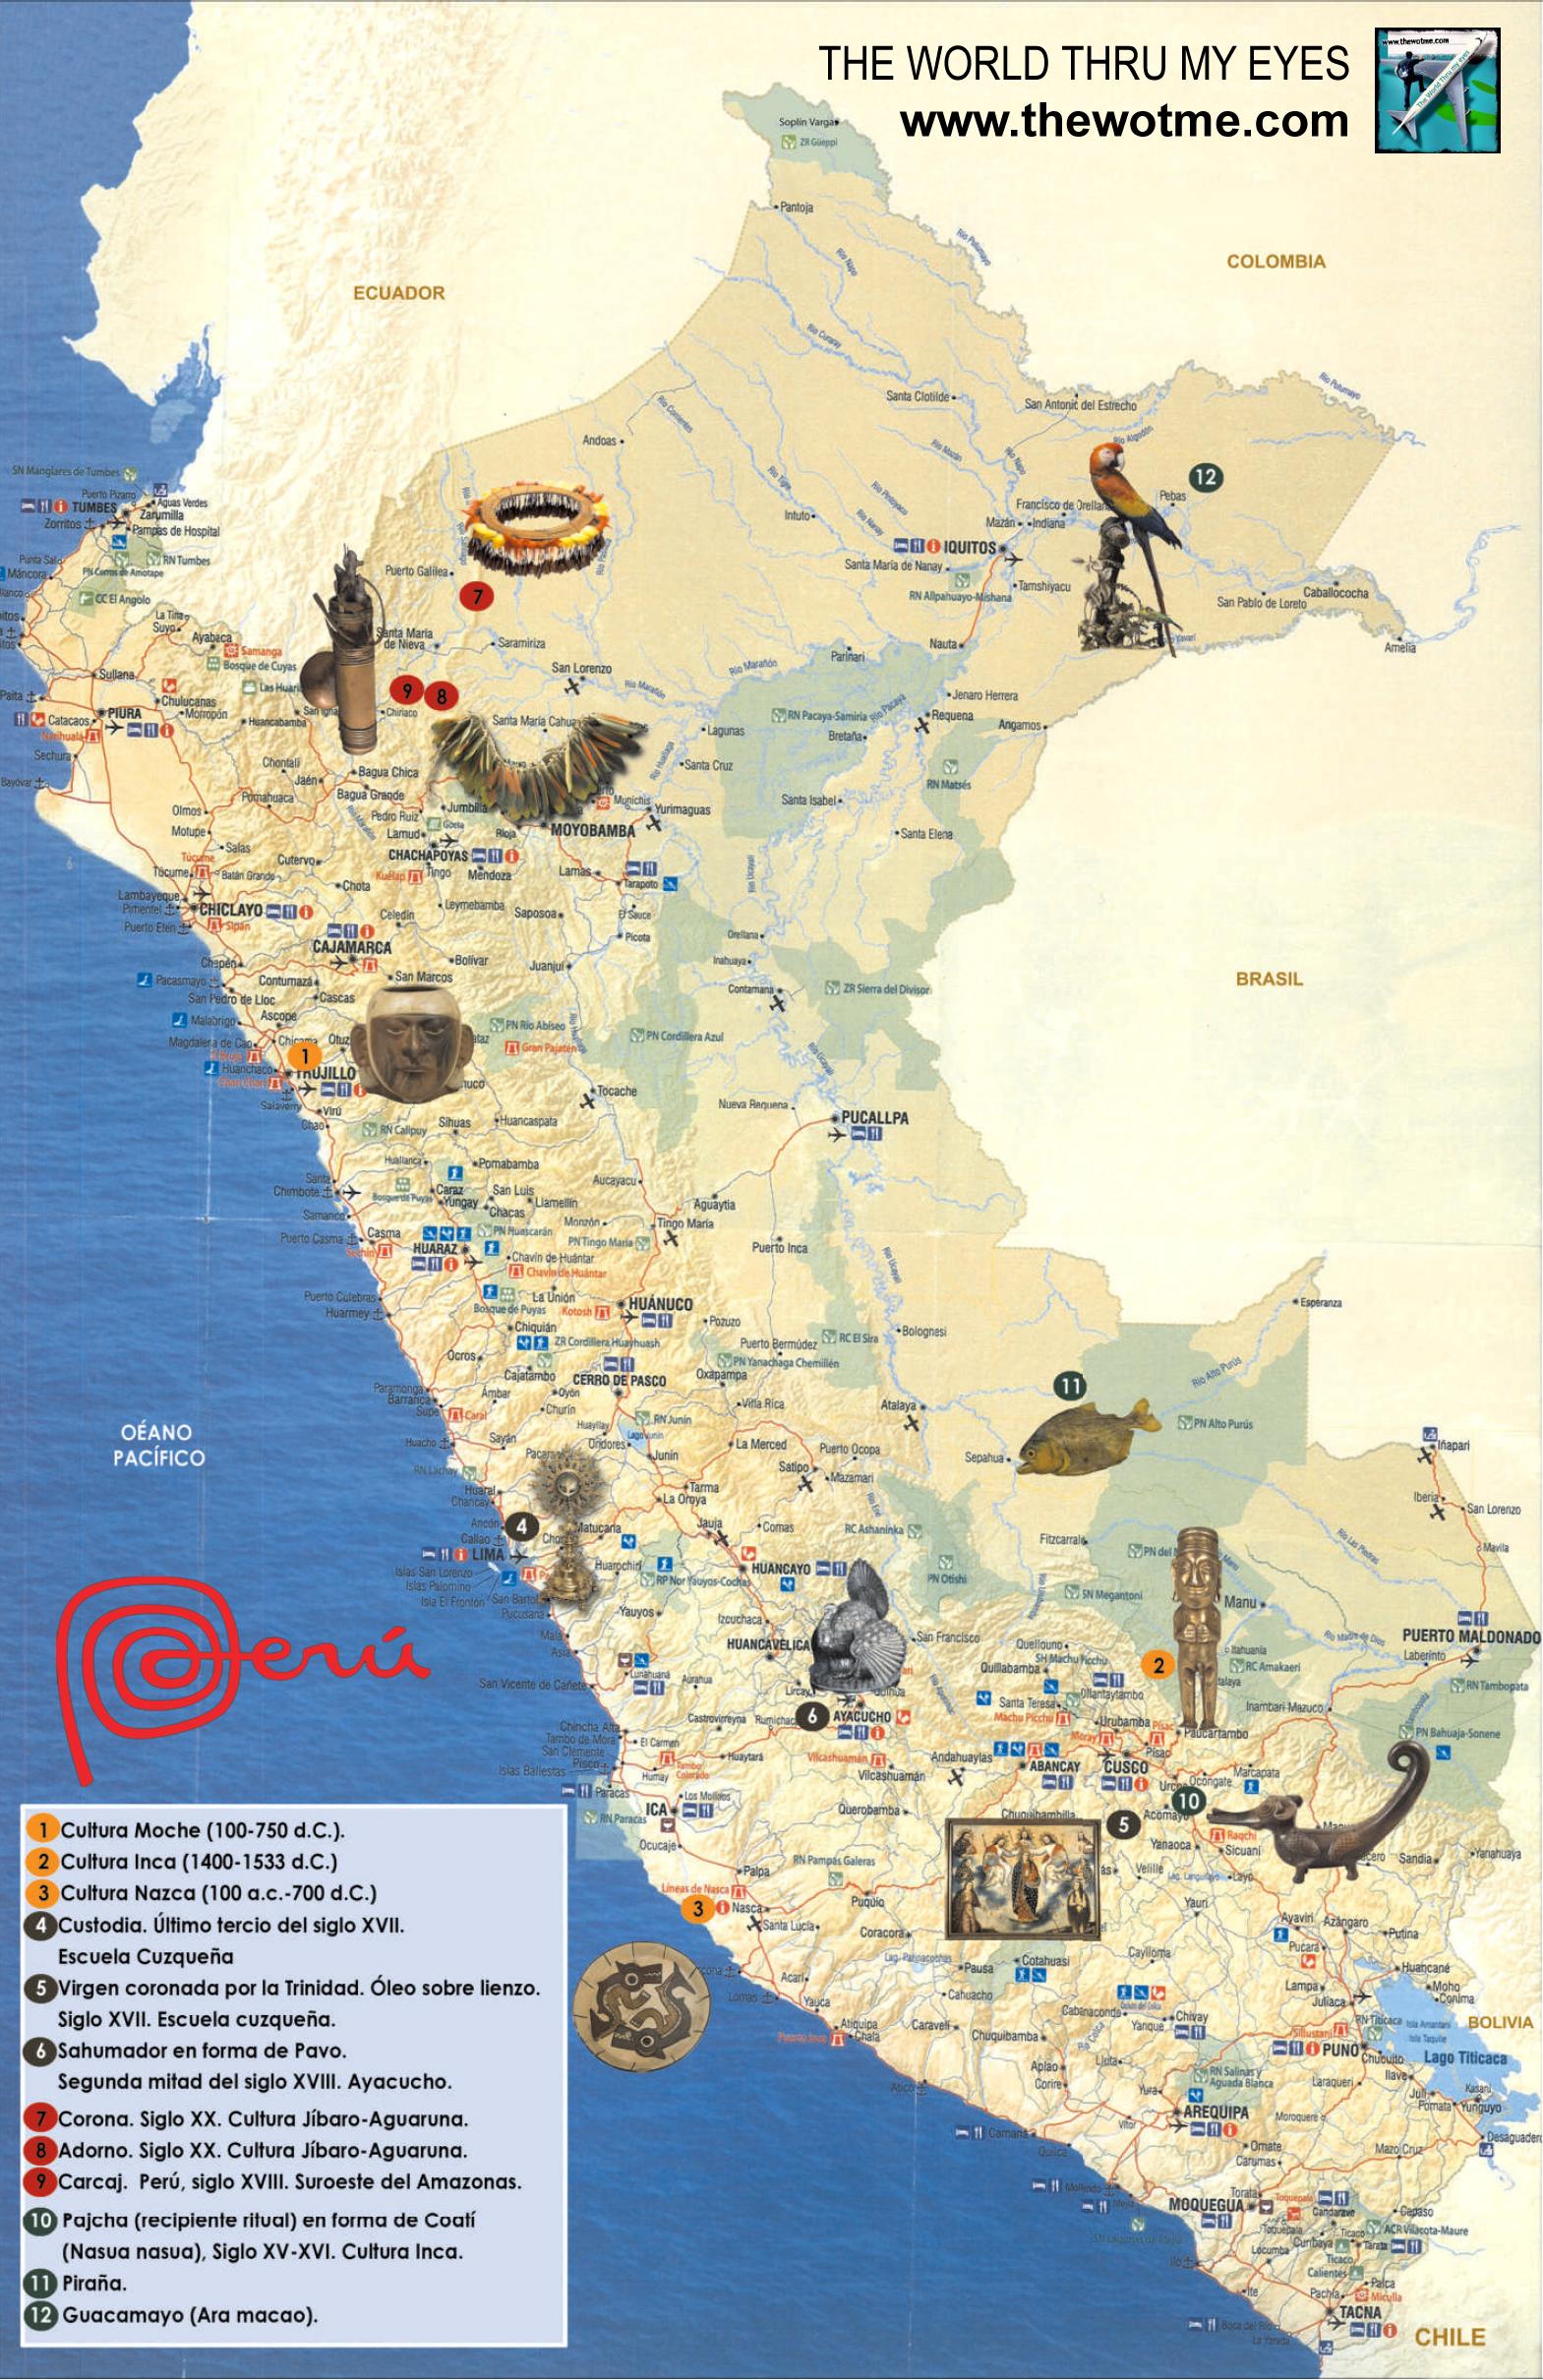 Nuestro viaje al Perú, comienza en Madrid - 10383682456 c734e6661a o - Nuestro viaje al Perú, comienza en Madrid